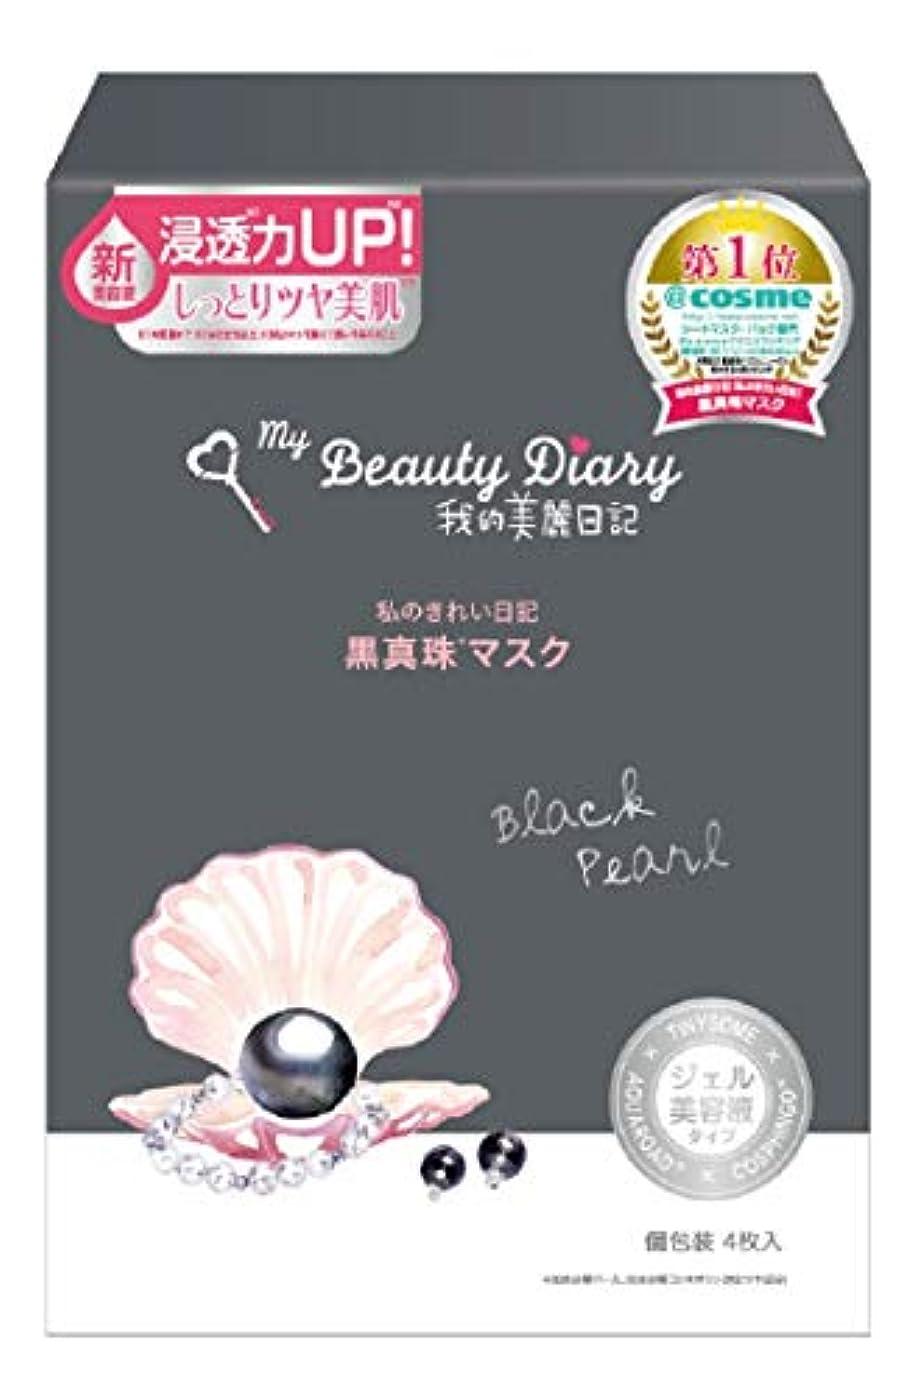 なめるレシピフェローシップ我的美麗日記 黒真珠マスク(4枚)